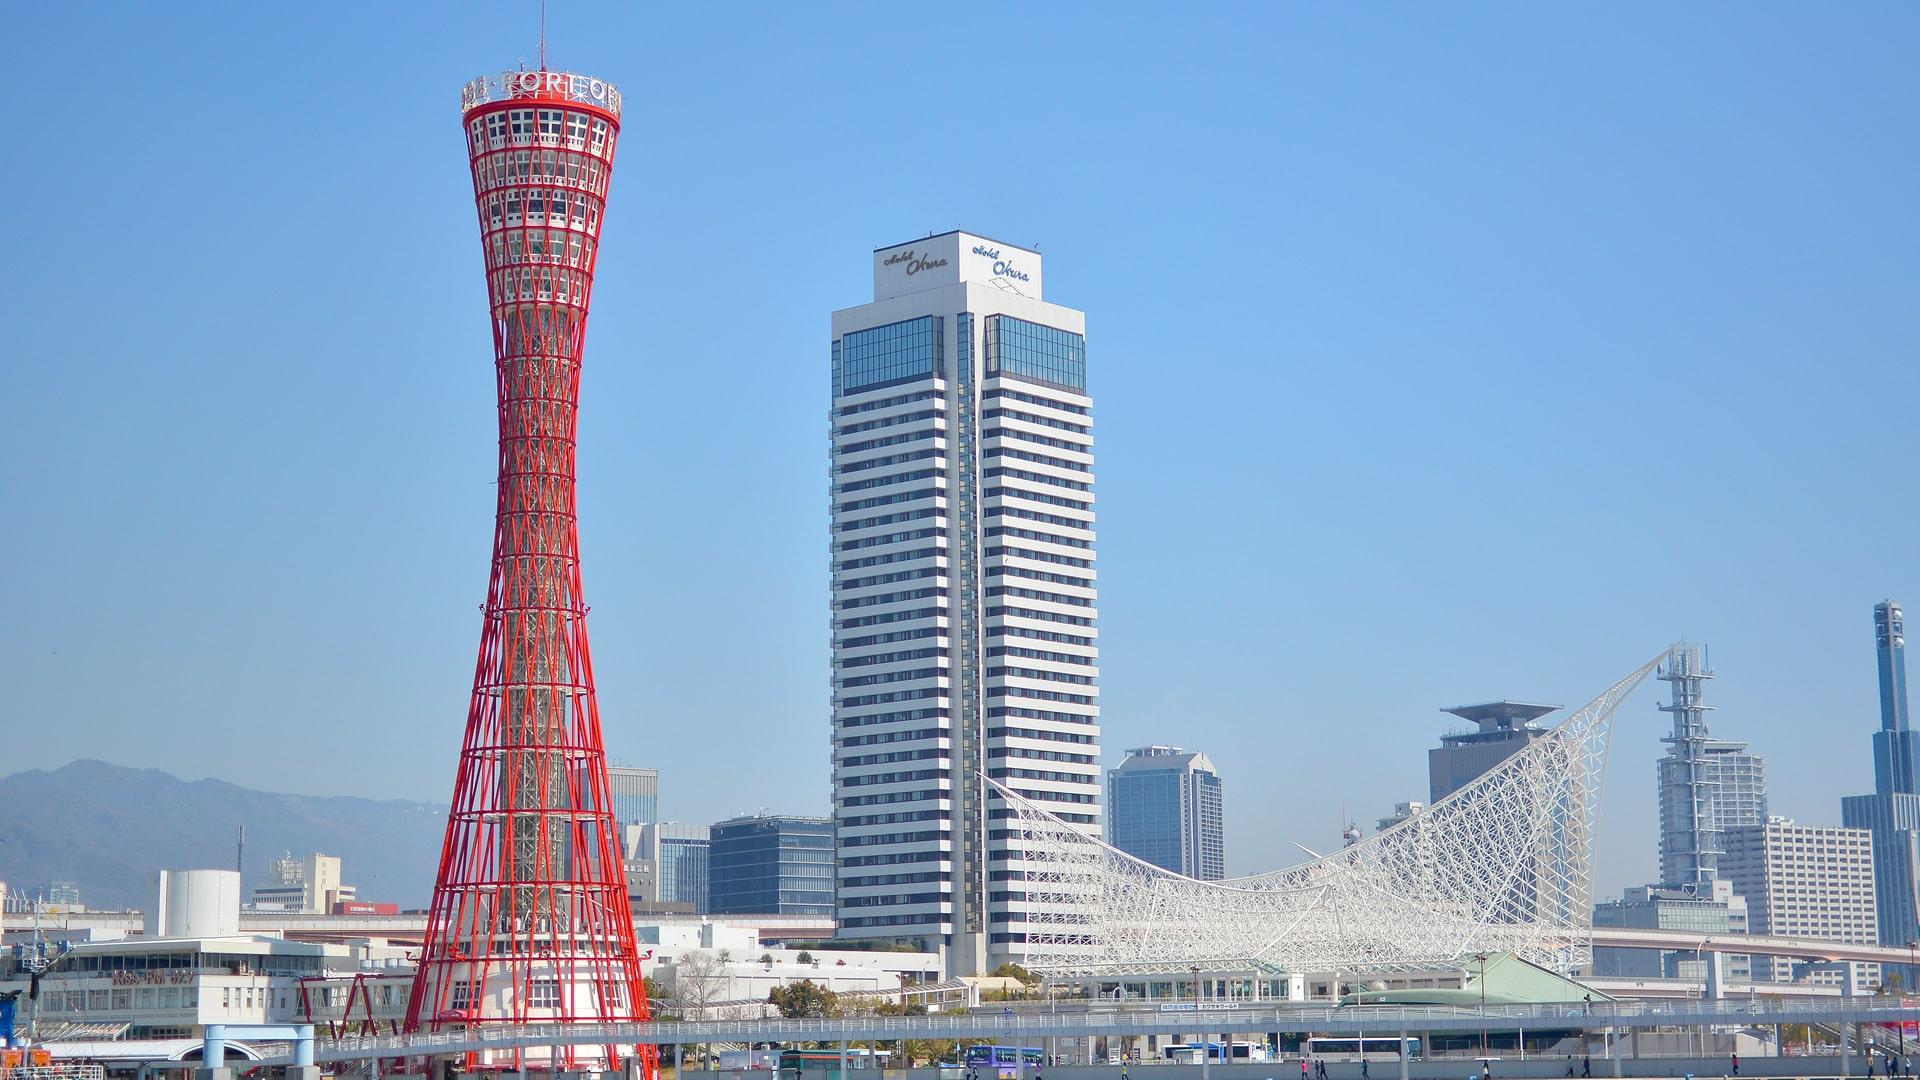 兵庫県神戸市の風景「神戸ポートタワー」「神戸市役所」